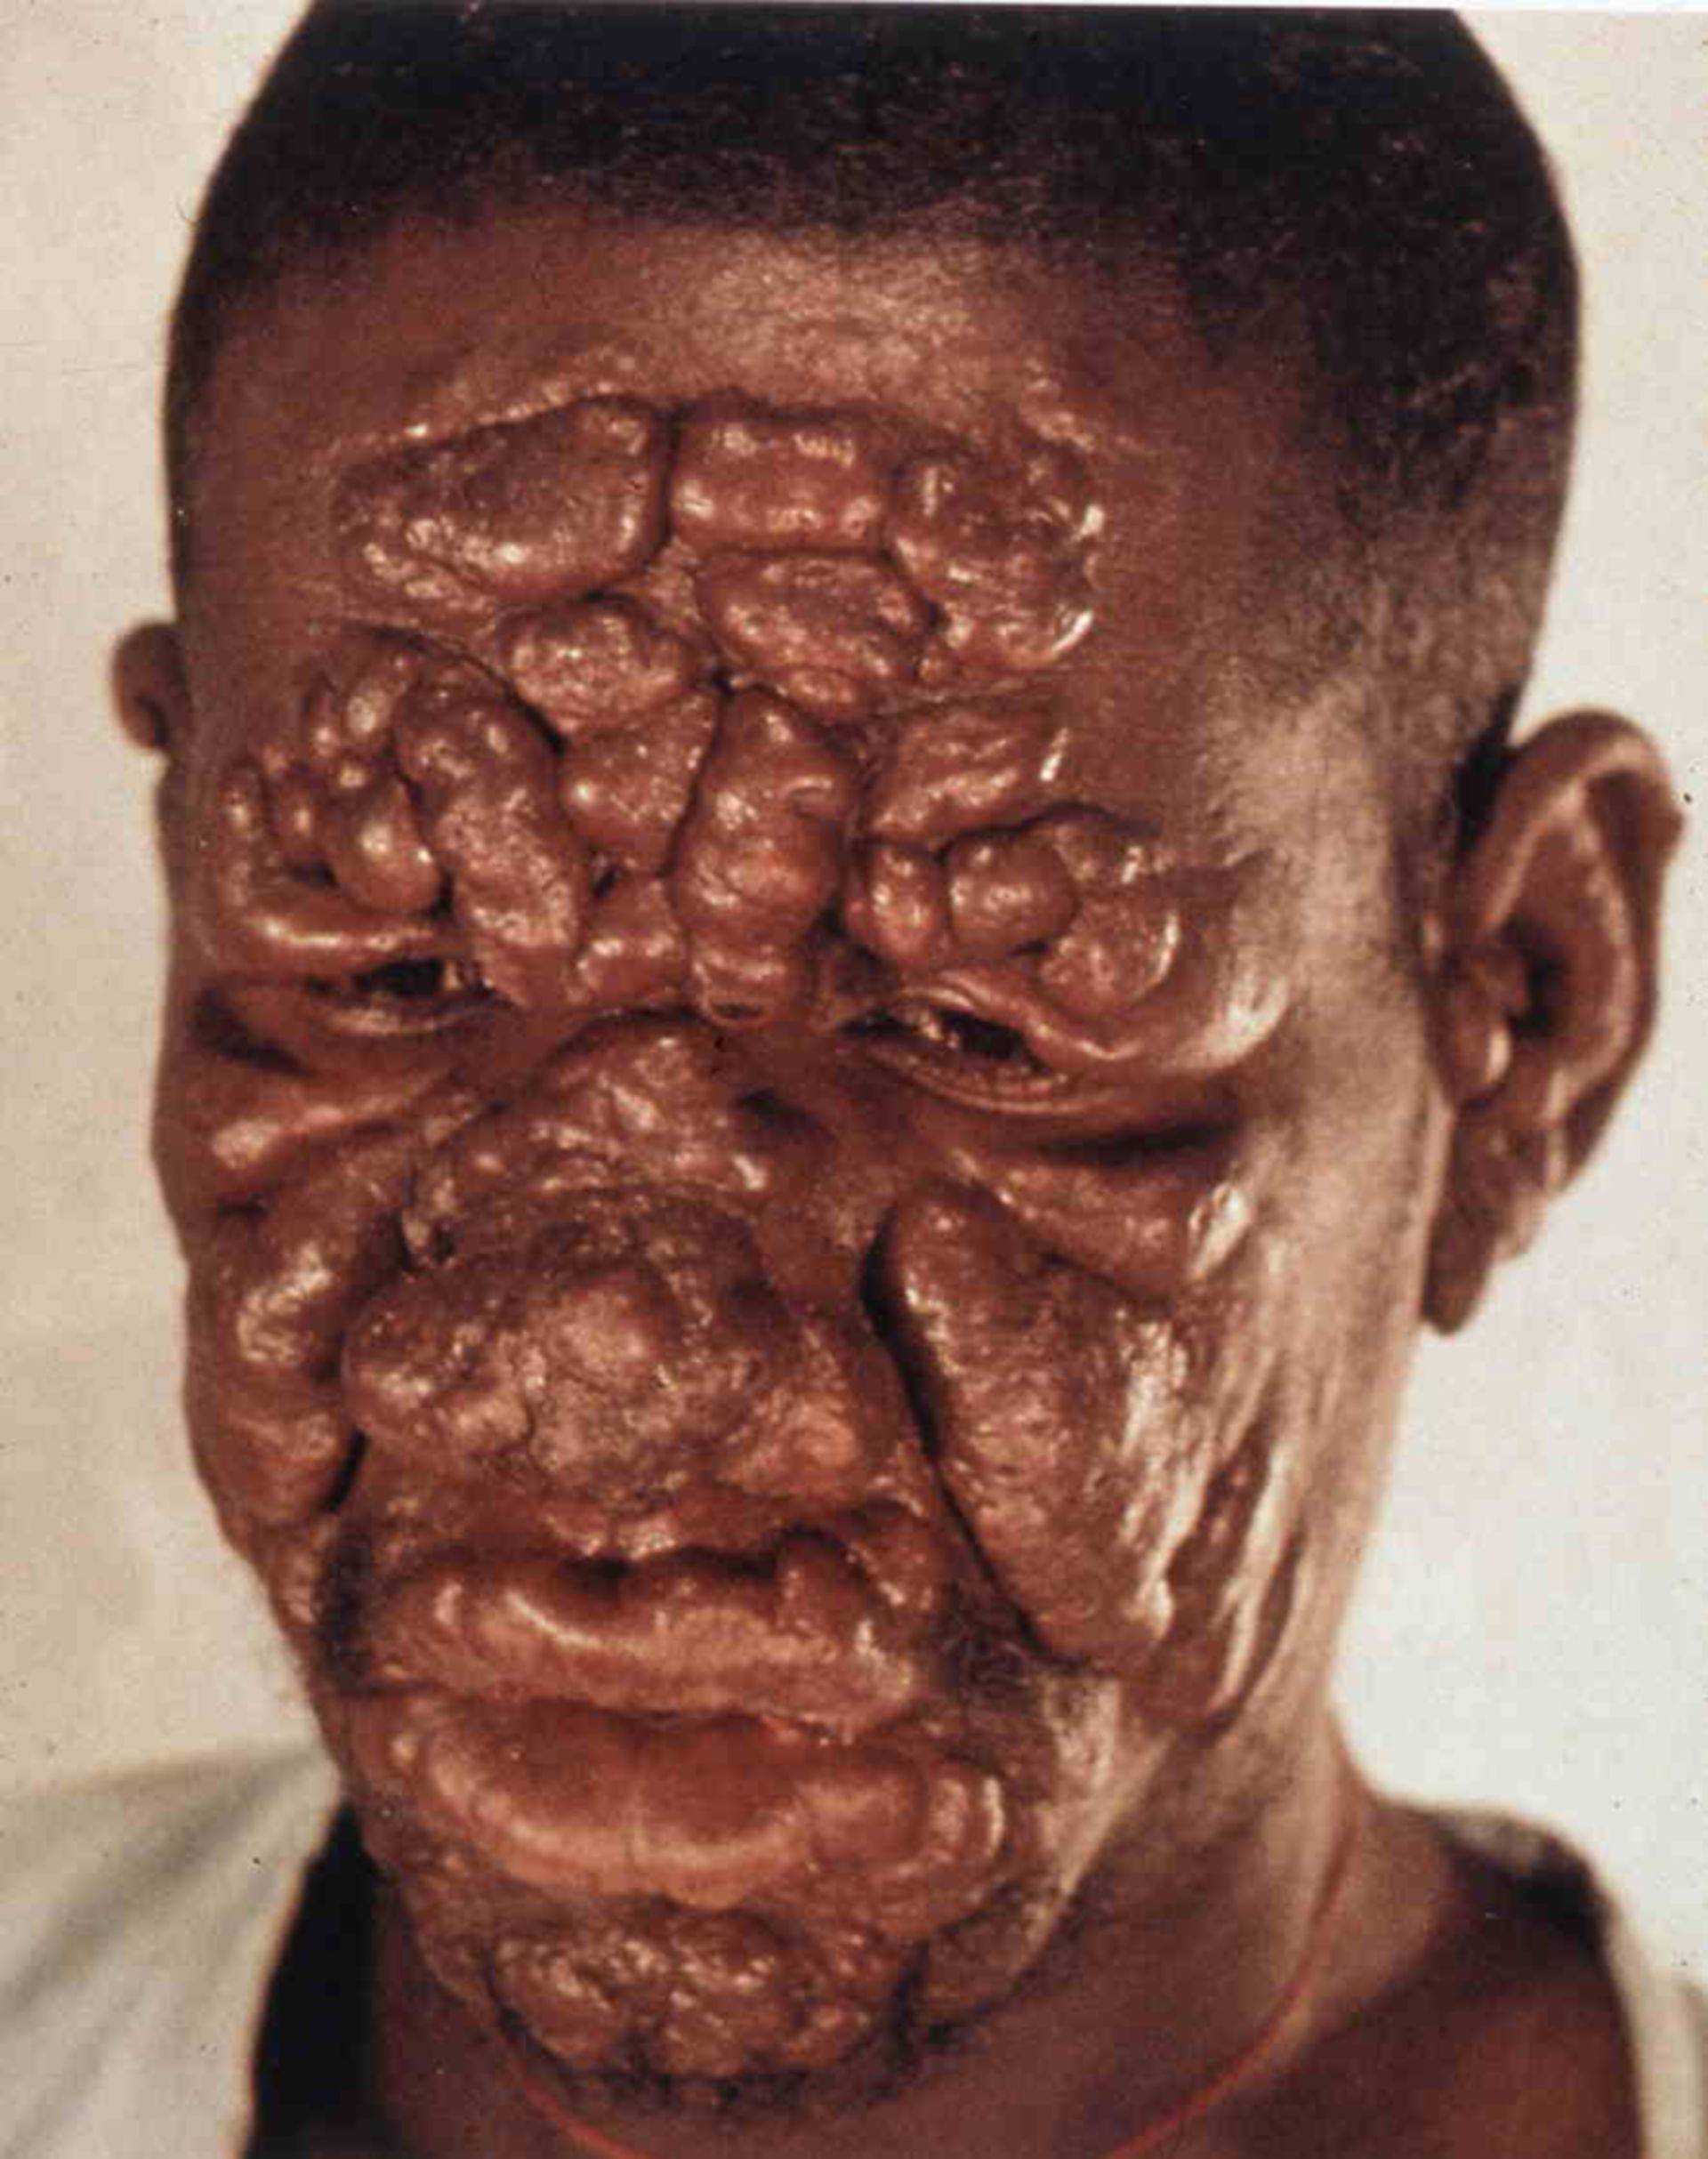 Infección de lepra - aquí: borderline lepra lepromatosa